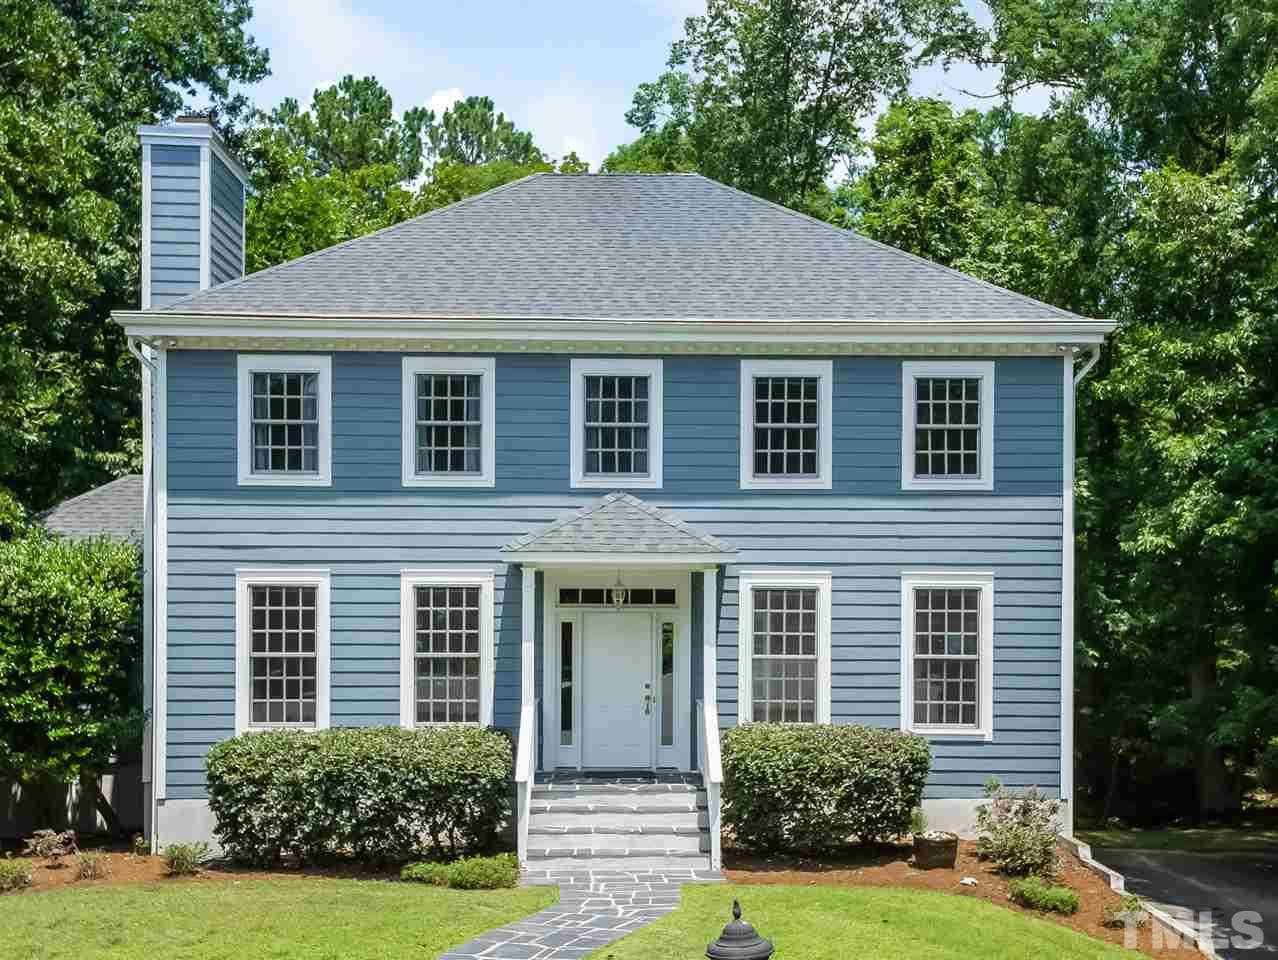 $574,900 - 3Br/4Ba -  for Sale in The Oaks, Chapel Hill